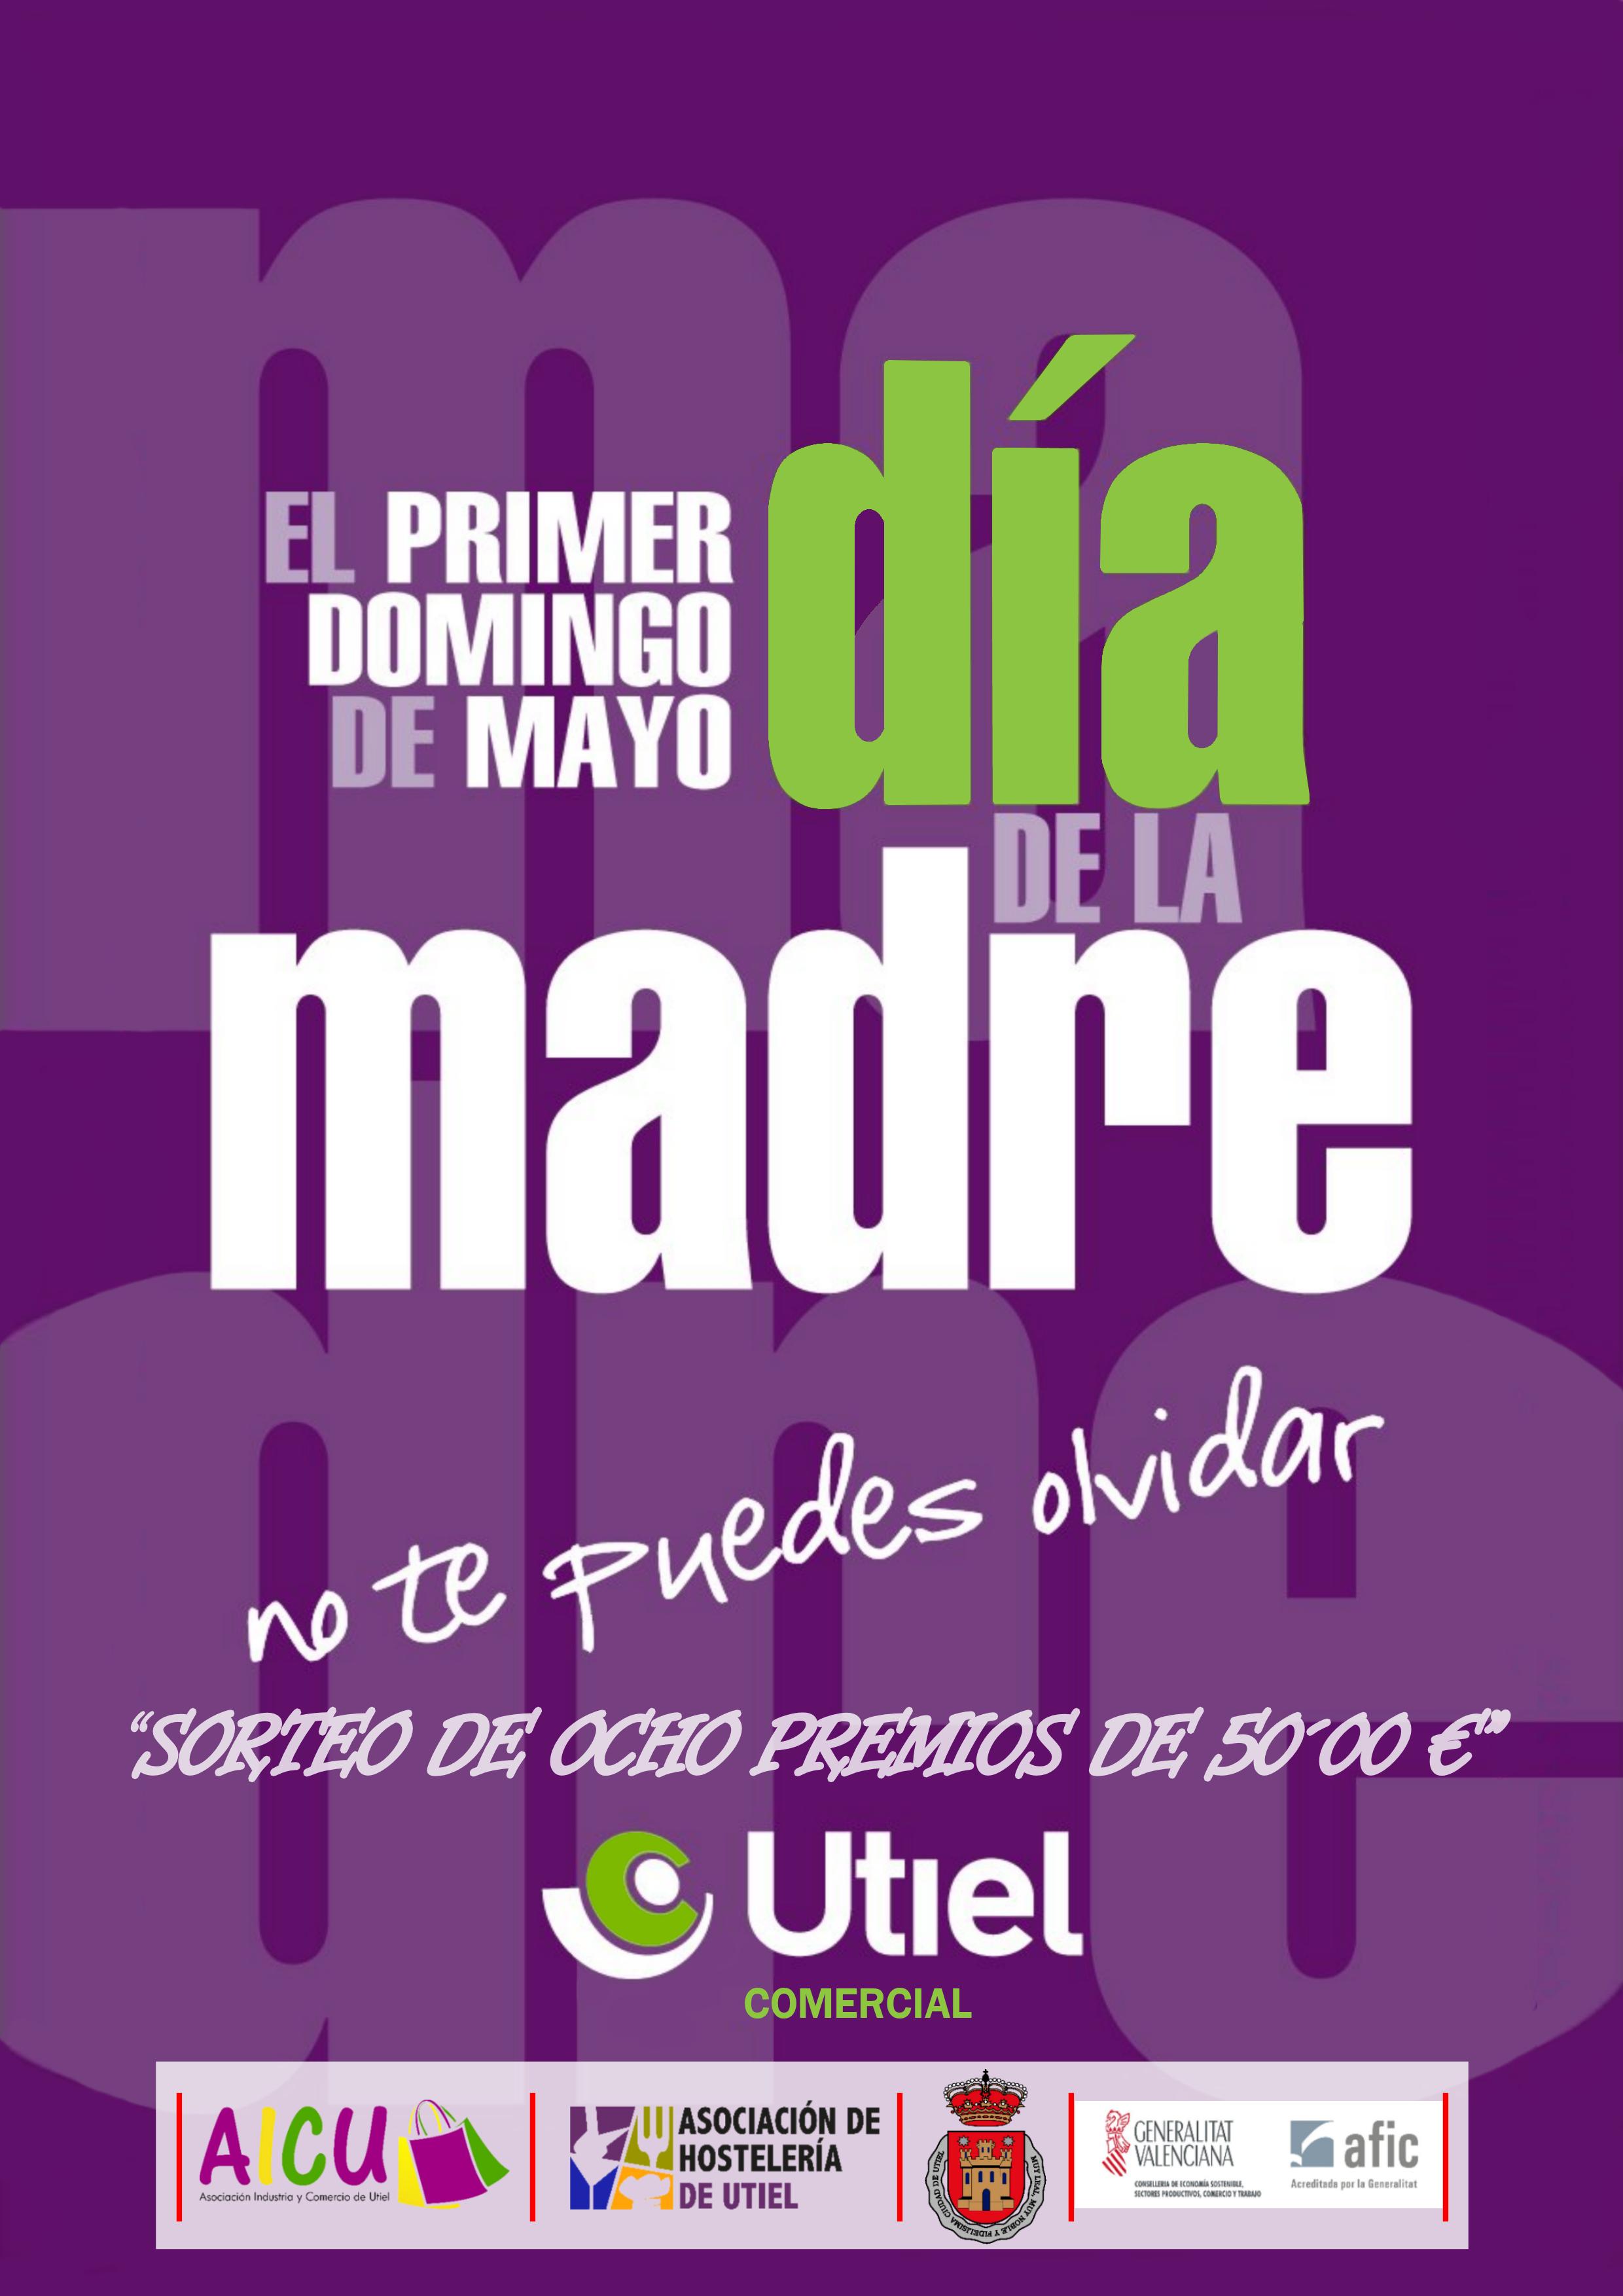 El proyecto cuenta con la colaboración del Ayuntamiento de Utiel y de la AFIC de la Mancomunidad Tierra del Vino.